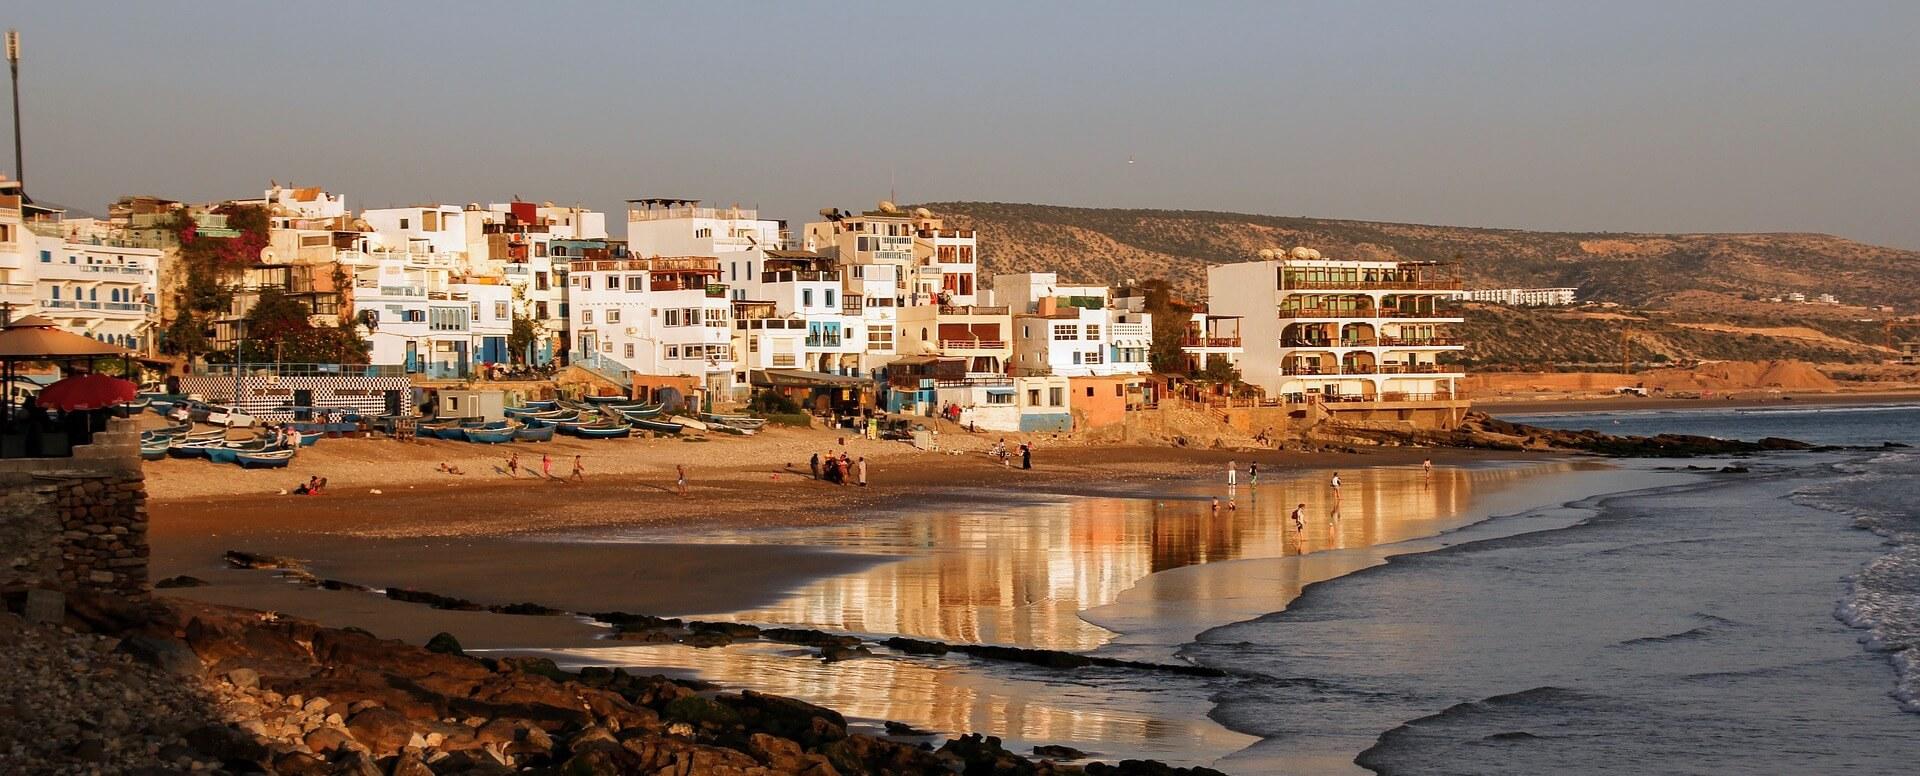 8. Découvrez la beauté du littoral - Maroc